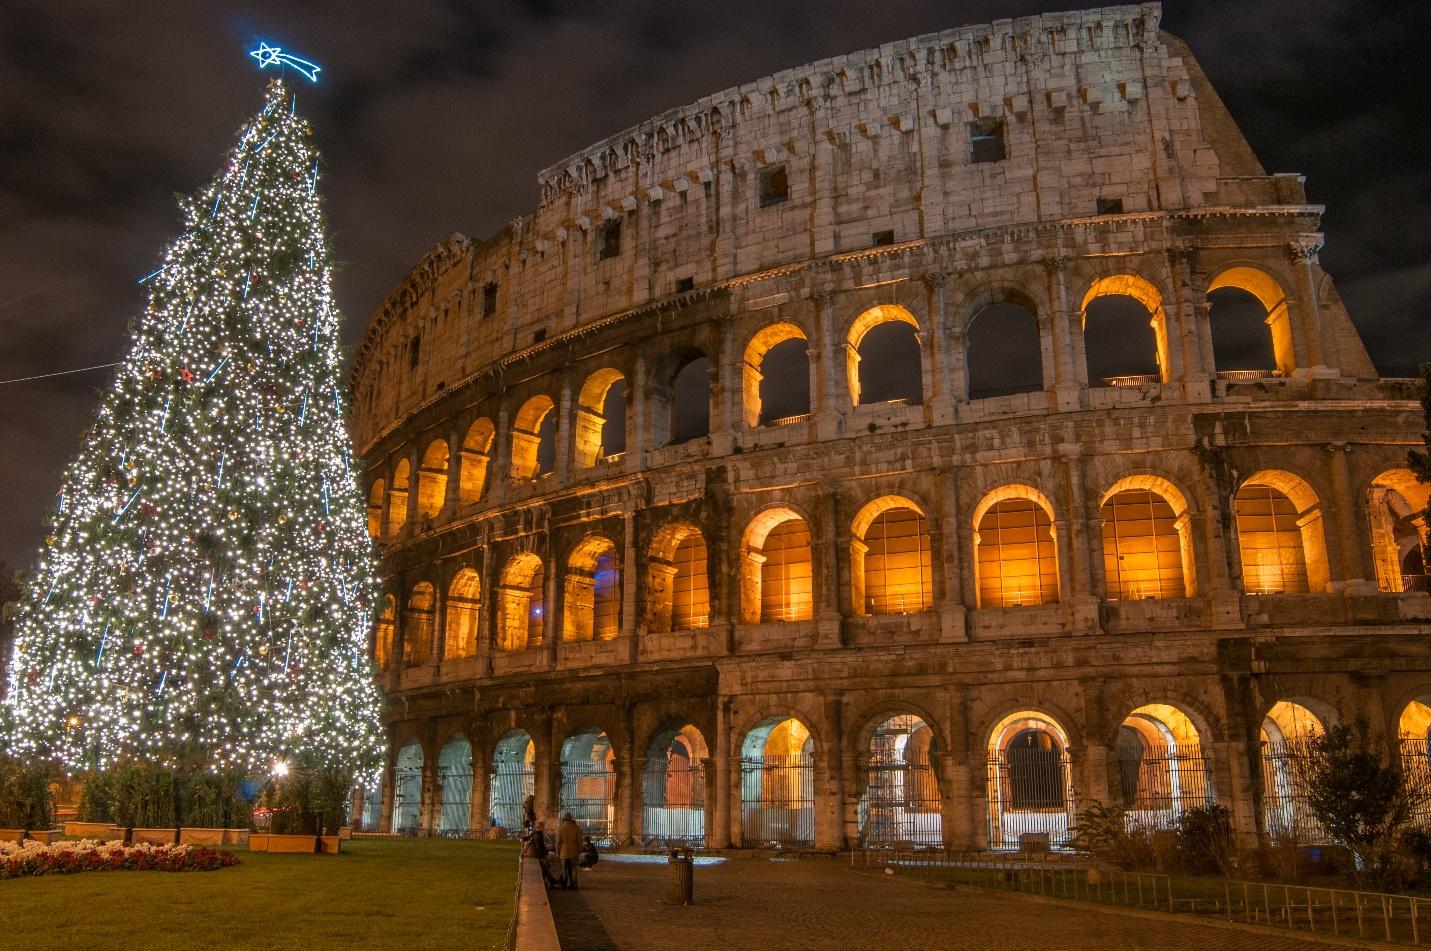 Gợi ý 6 địa điểm đón Giáng sinh tuyệt vời tại châu Âu - Ảnh 4.